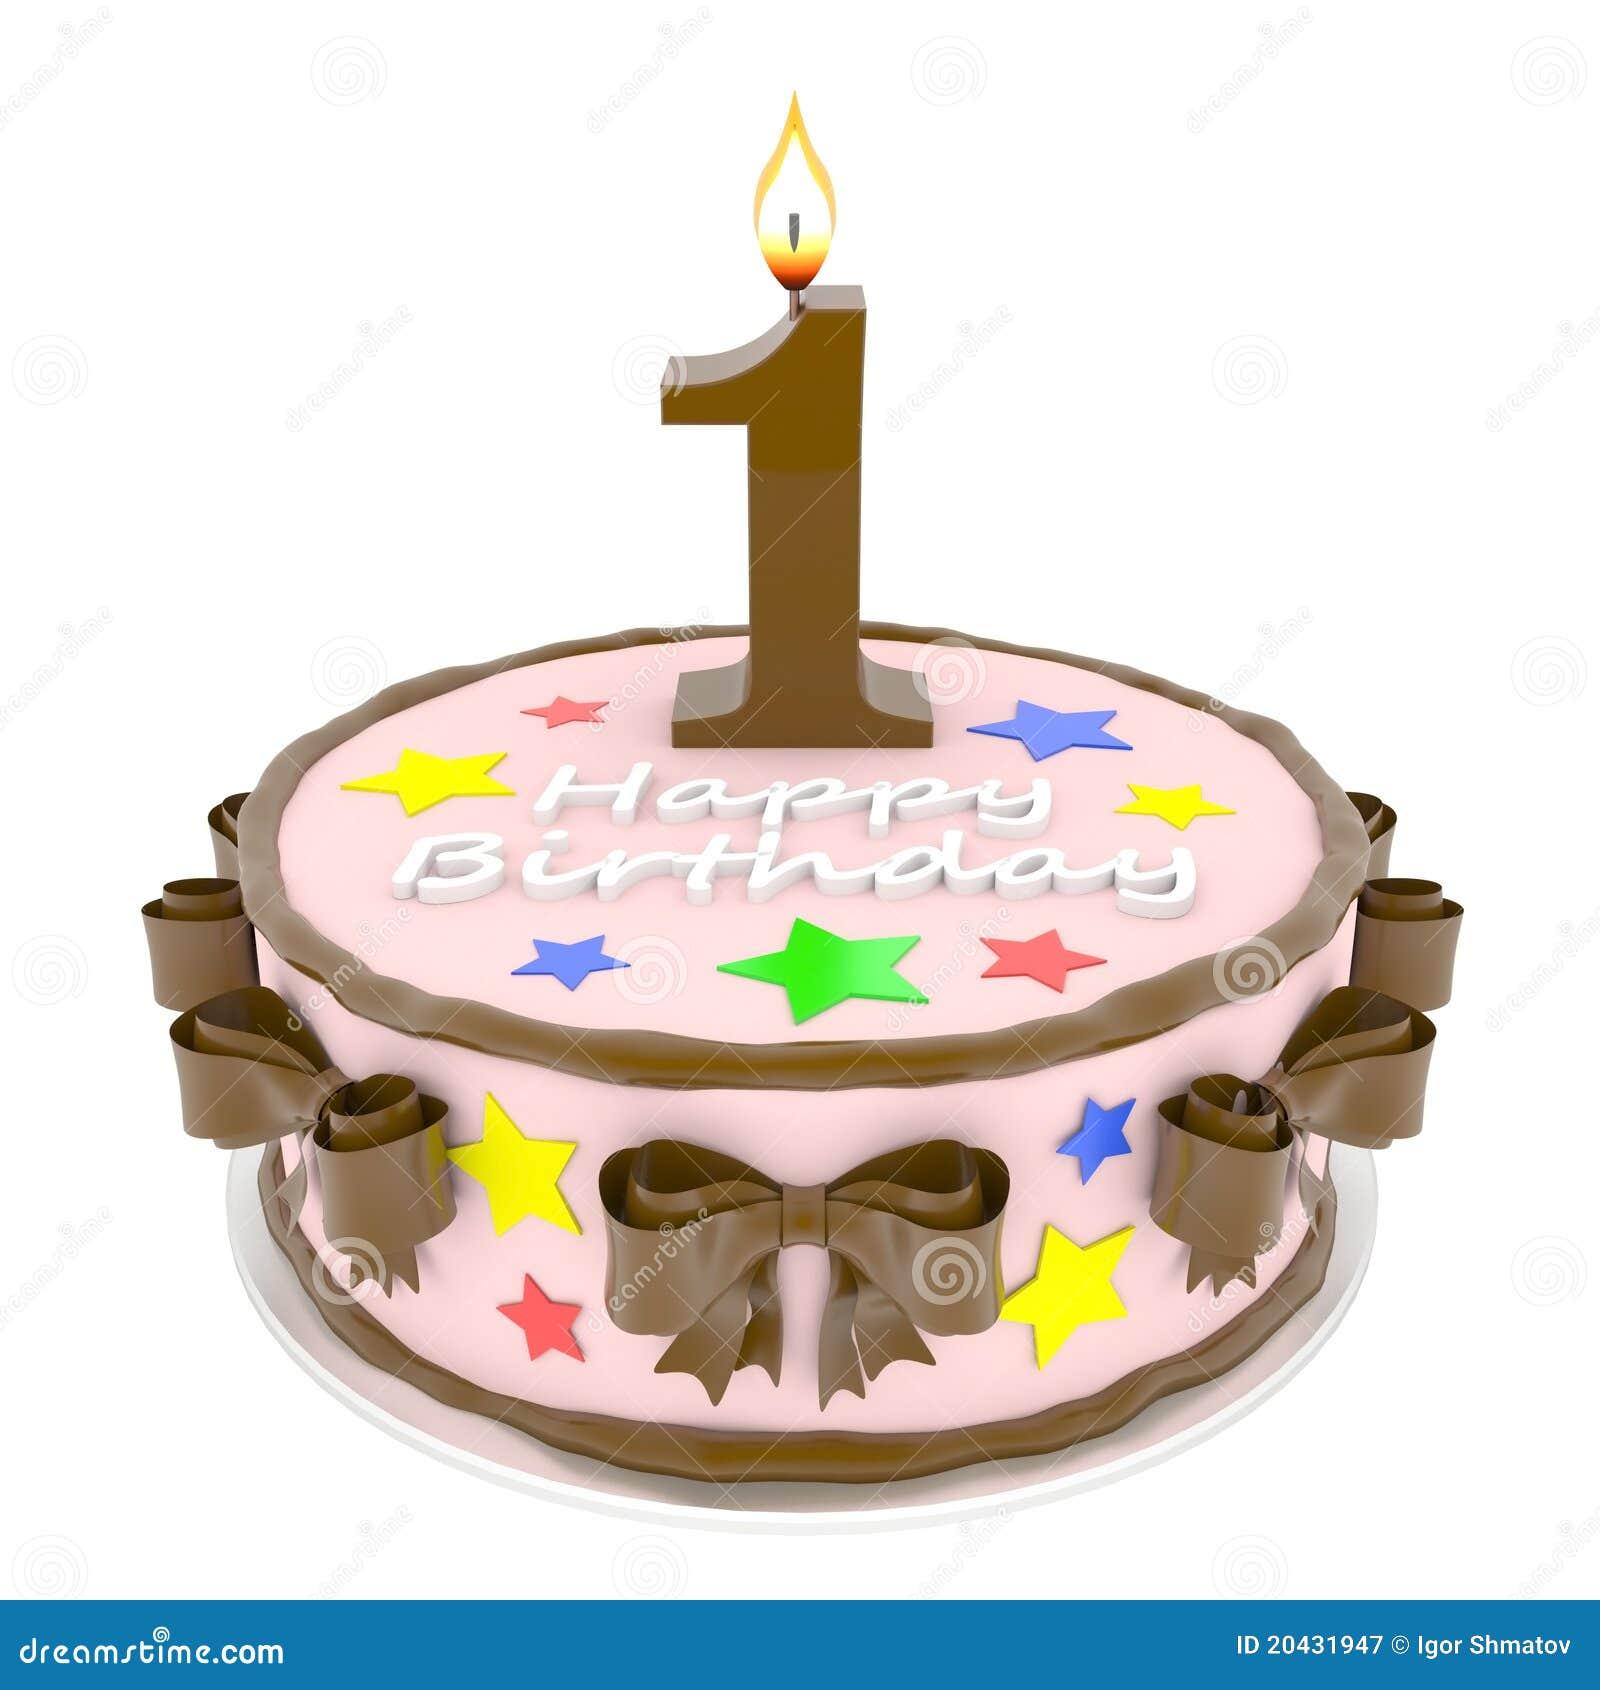 Free Beautiful Cake Images : Beautiful Cake Royalty Free Stock Photography - Image ...